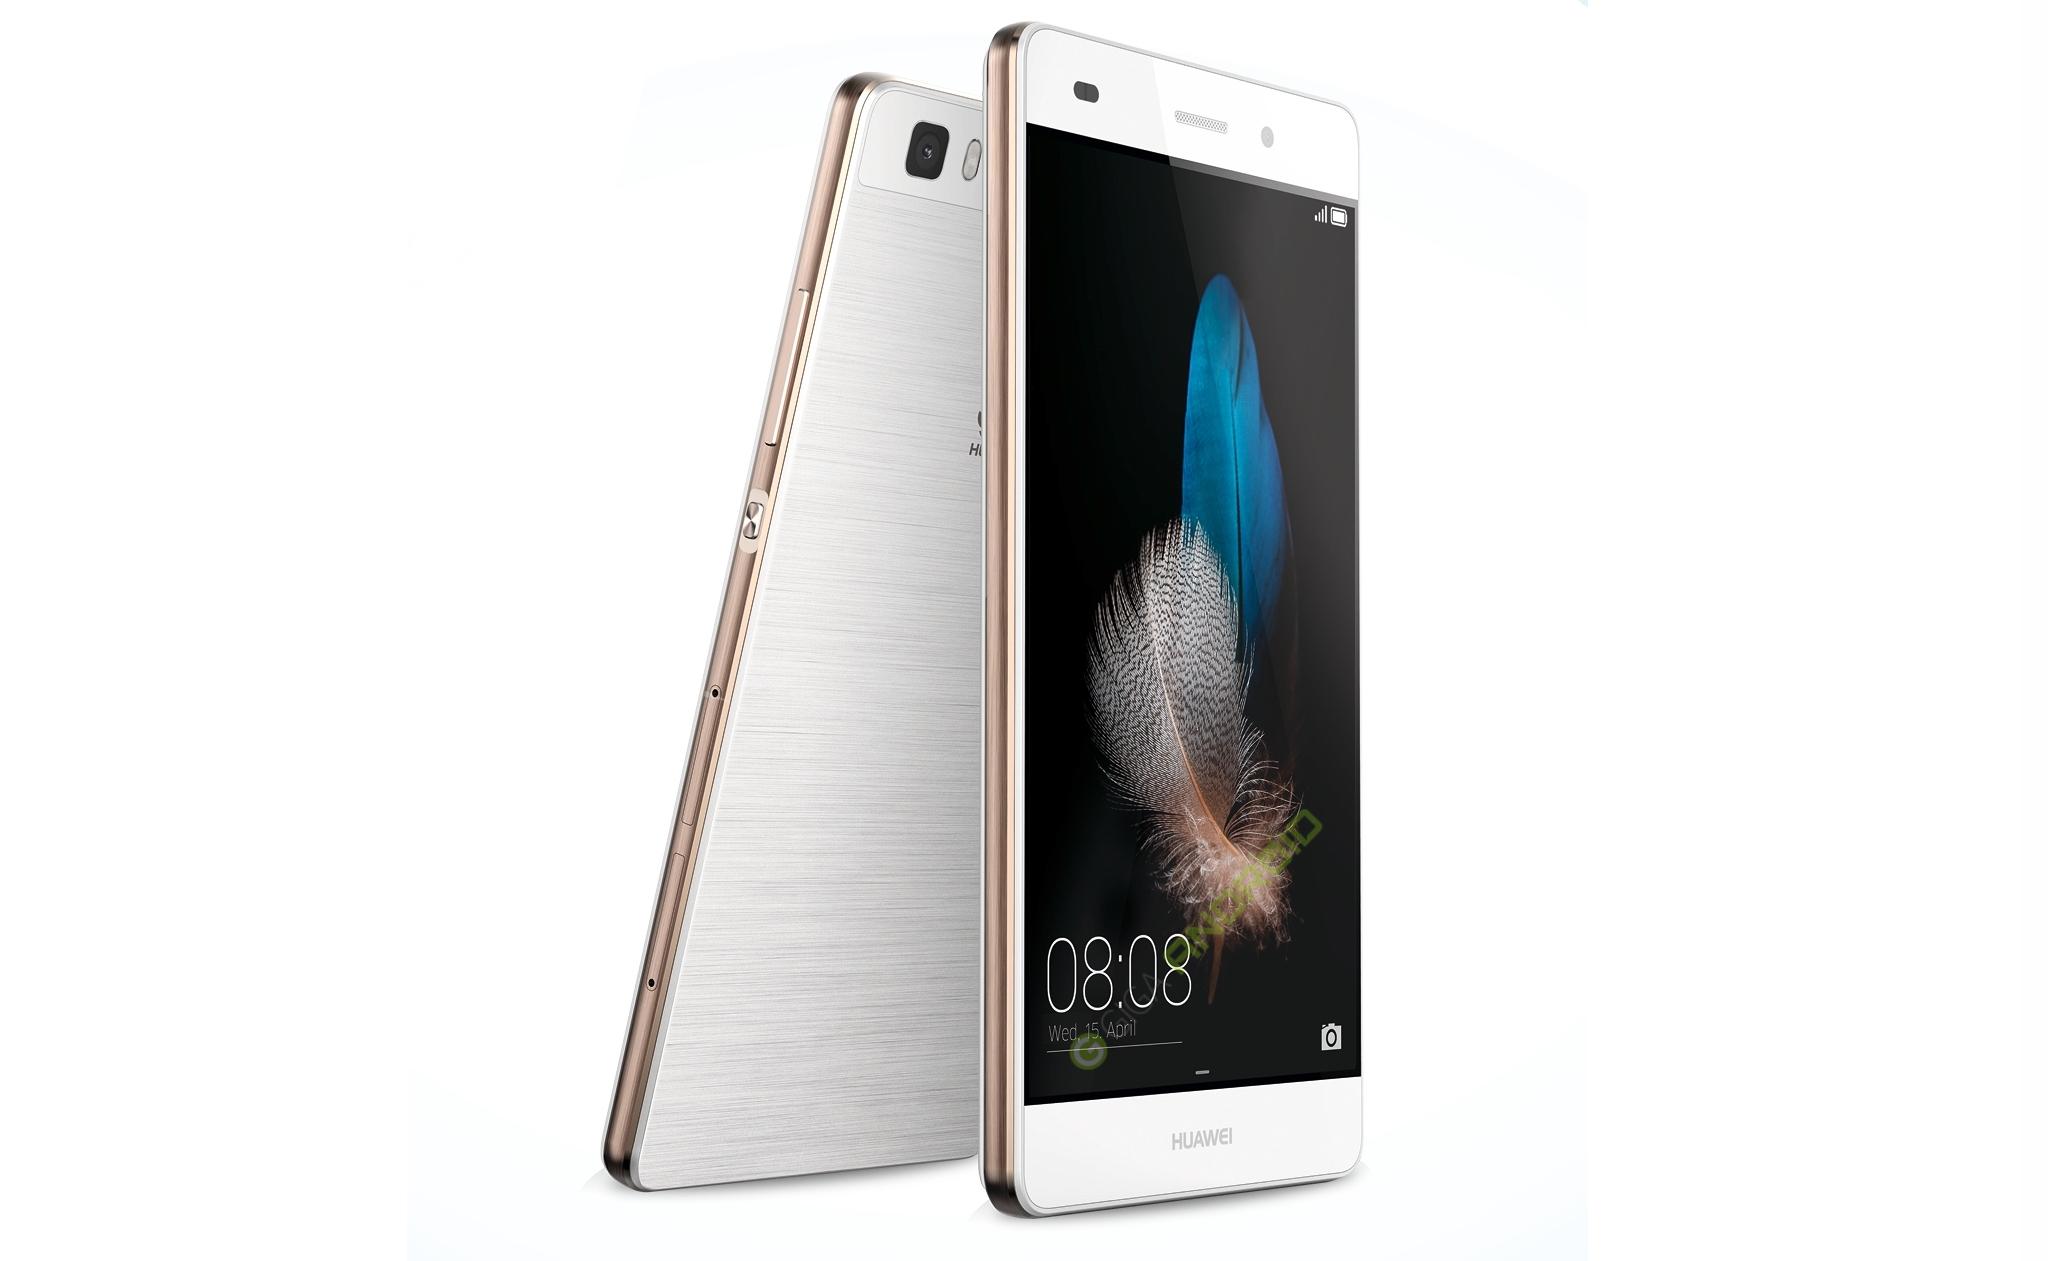 Temi o launcher per il tuo Huawei P8 Lite 2